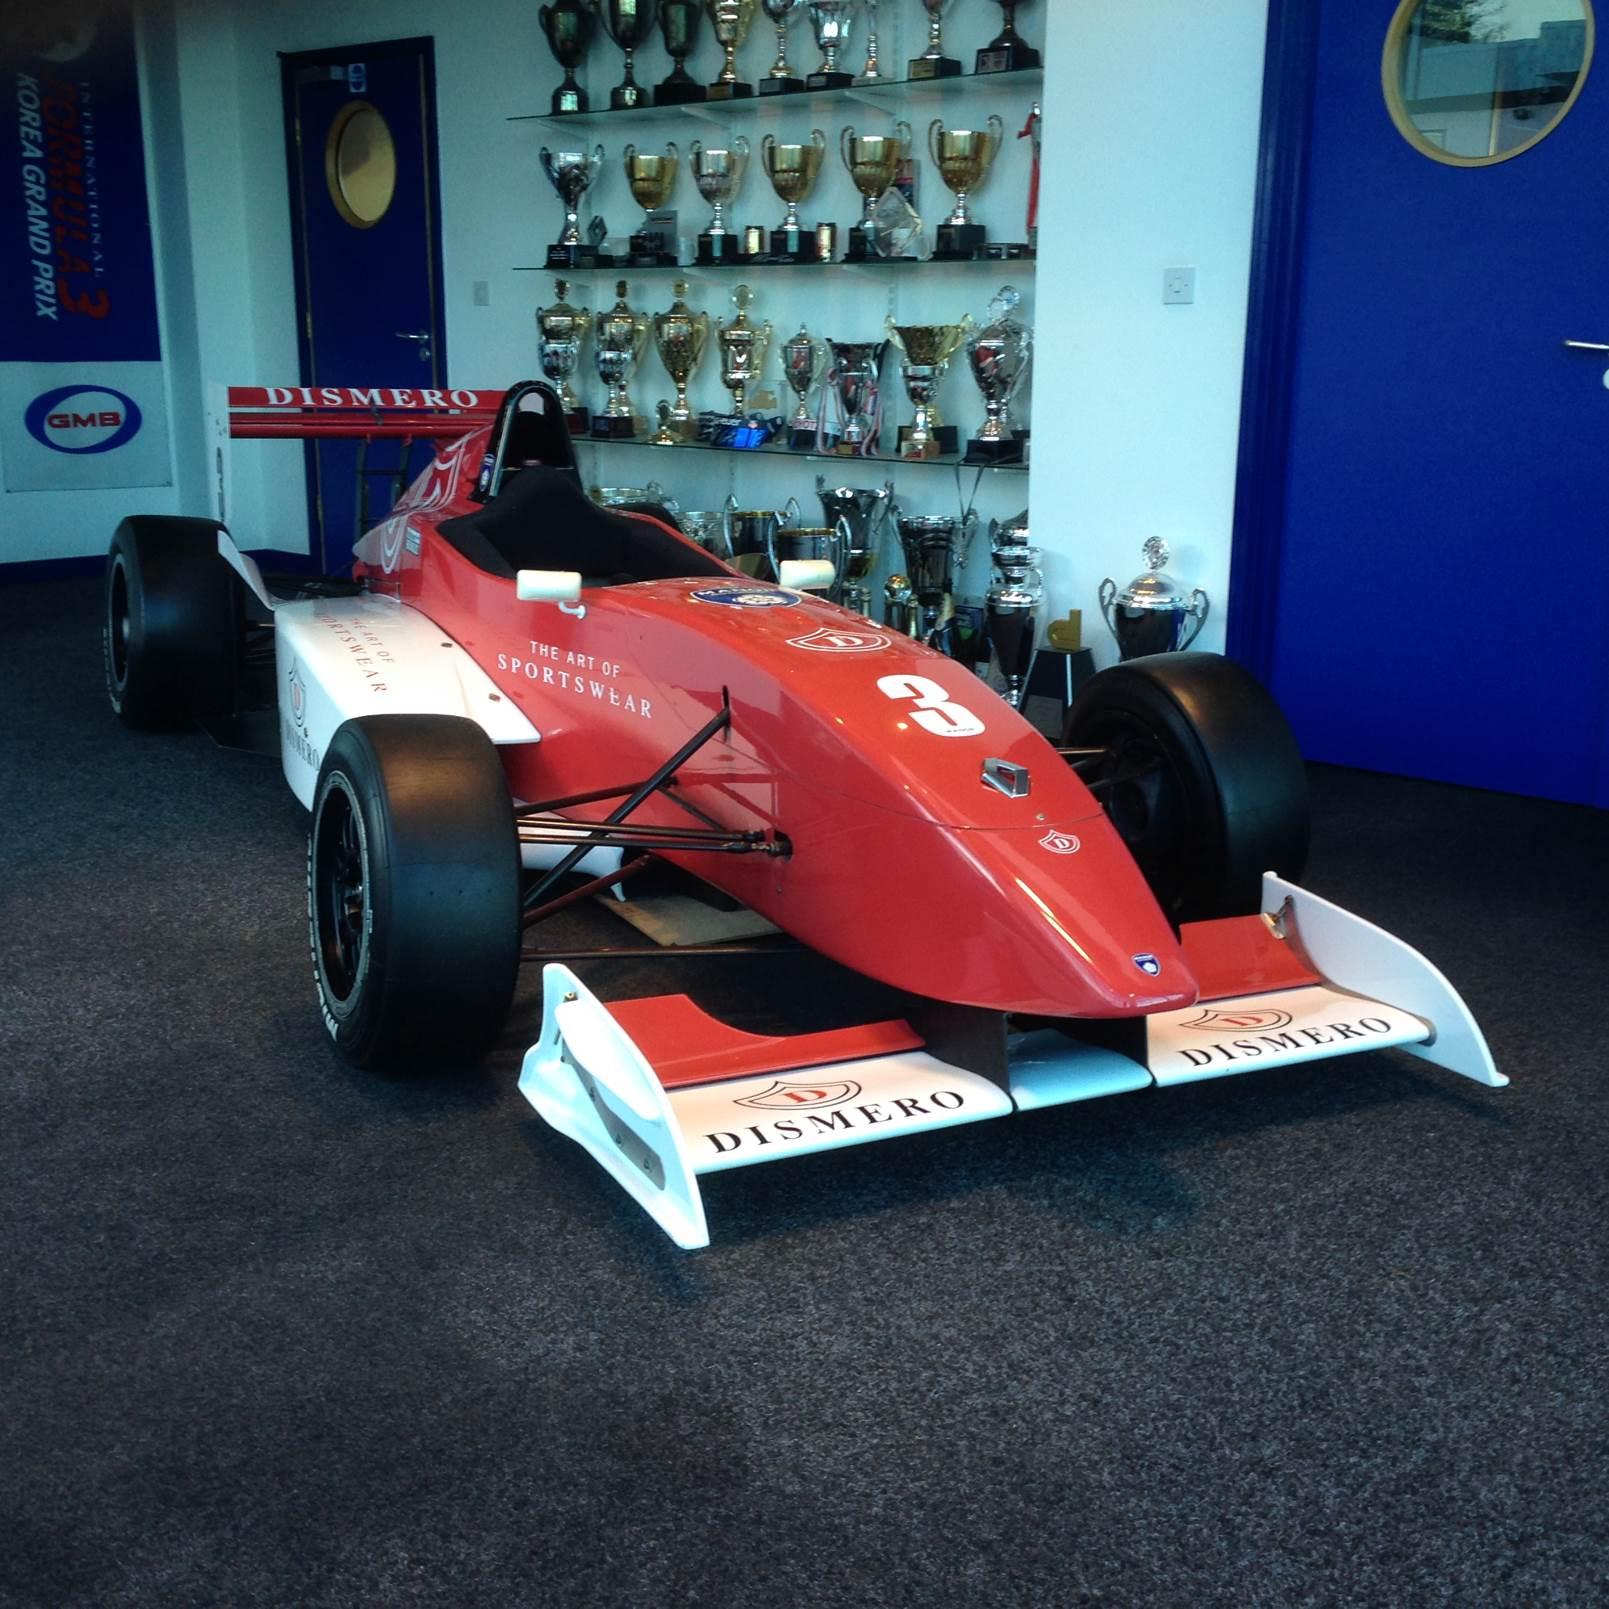 Kimi Raikkonen\'s championship car and Seasick Steve\'s old camper ...